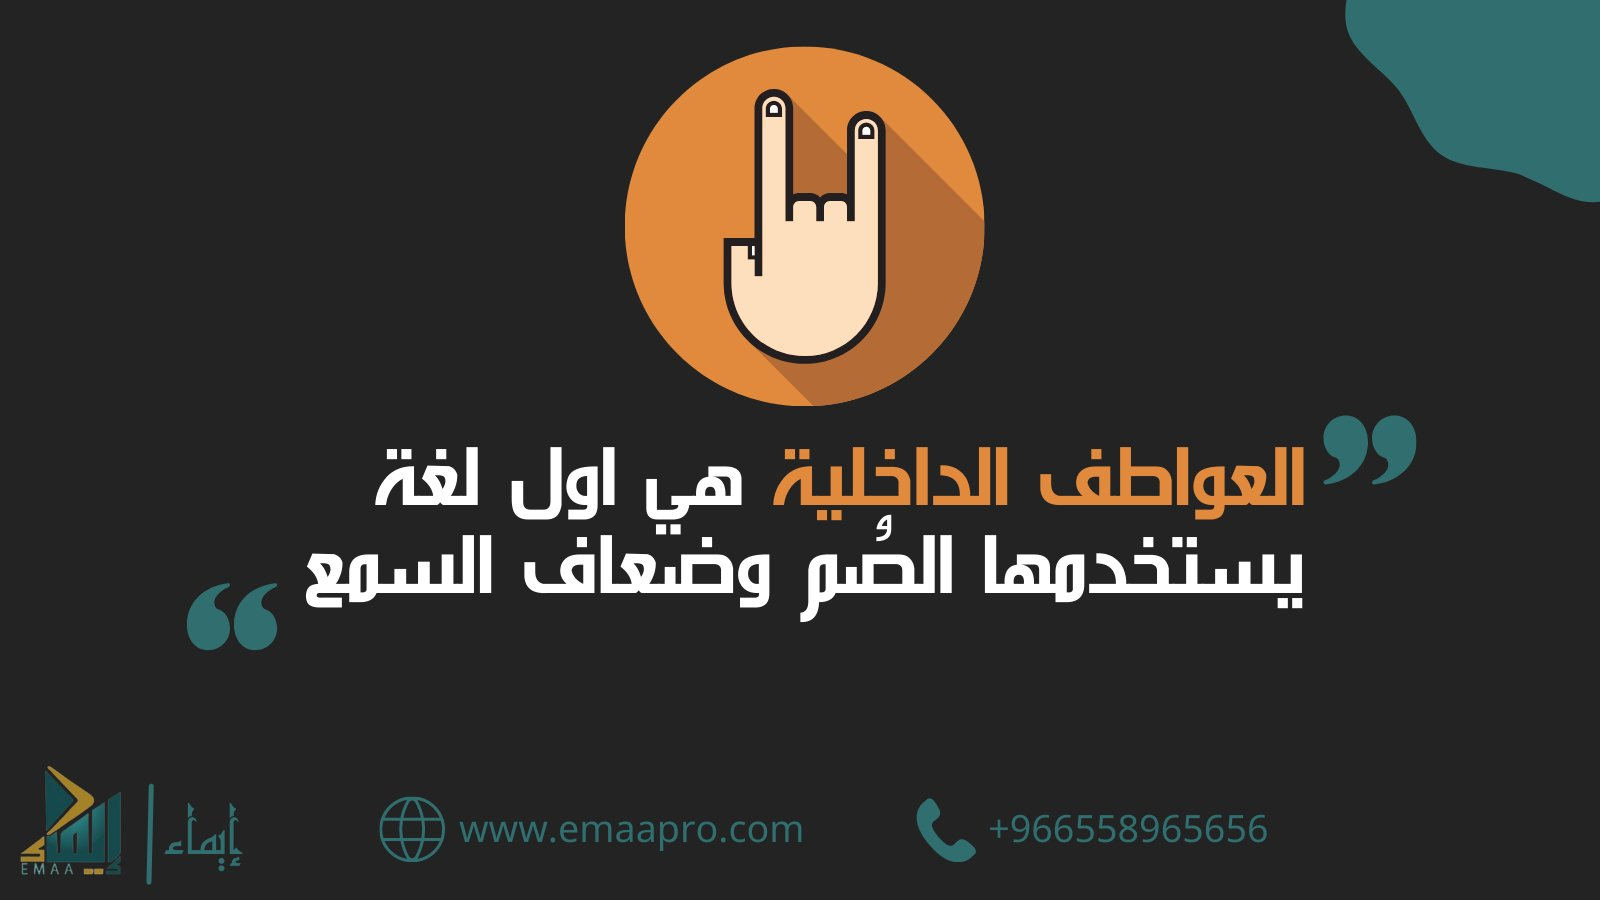 العواطف الداخلية 129496541.jpg